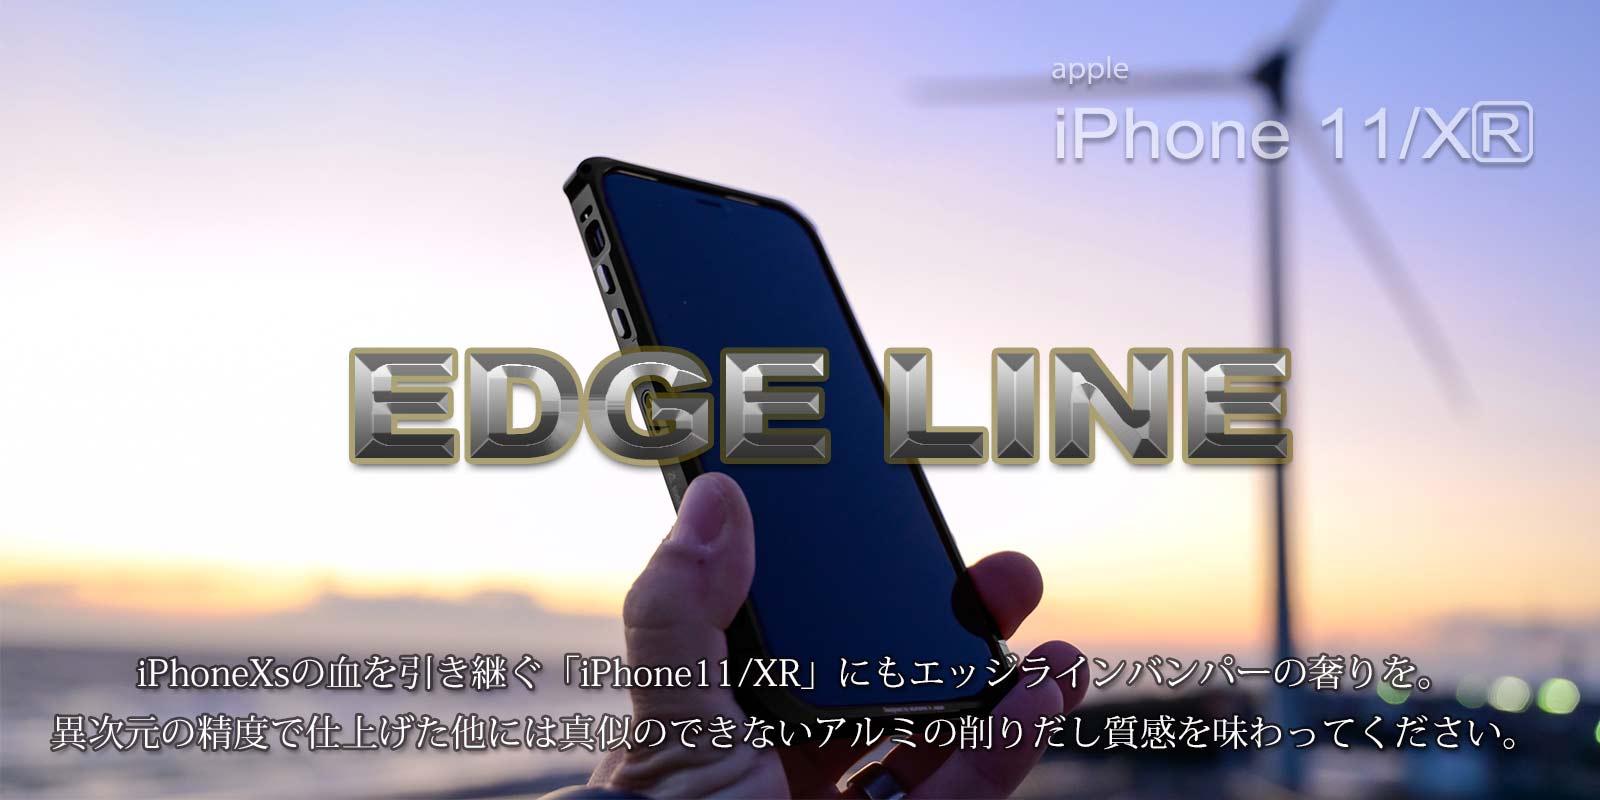 エッジラインiphone11のストアスライドバナー